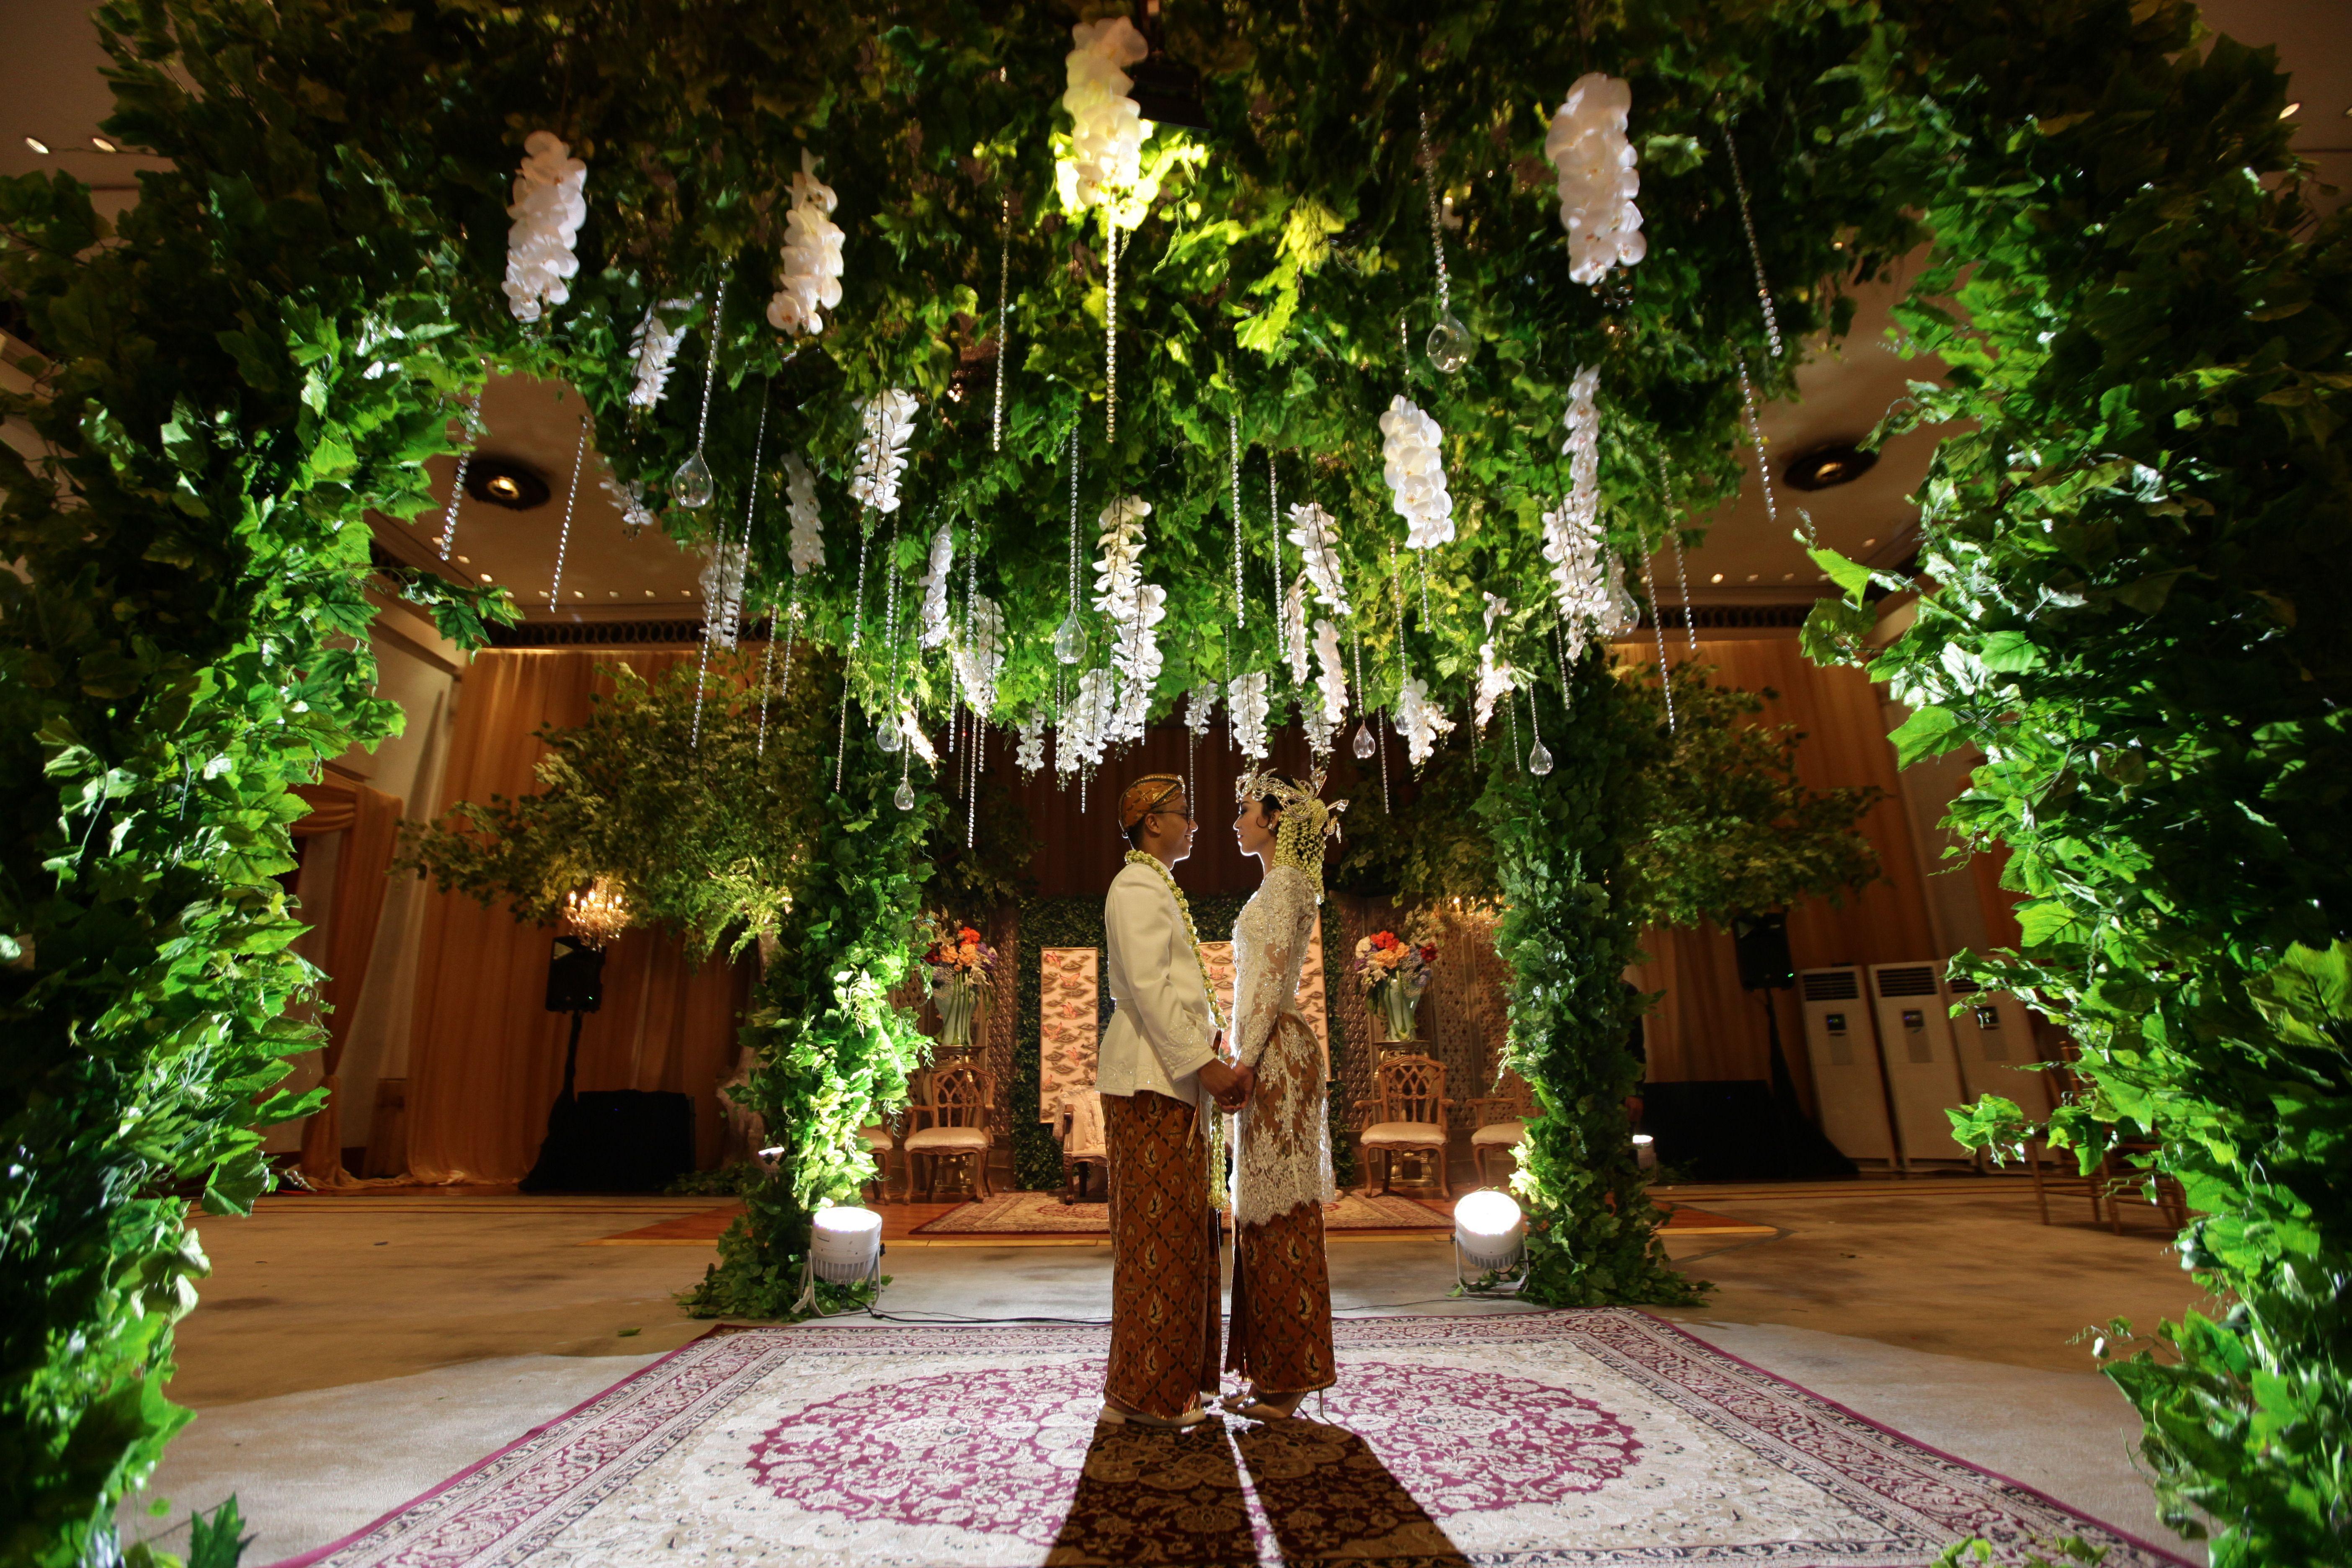 One Couple's Exquisite Javanese Garden Wedding Image 1